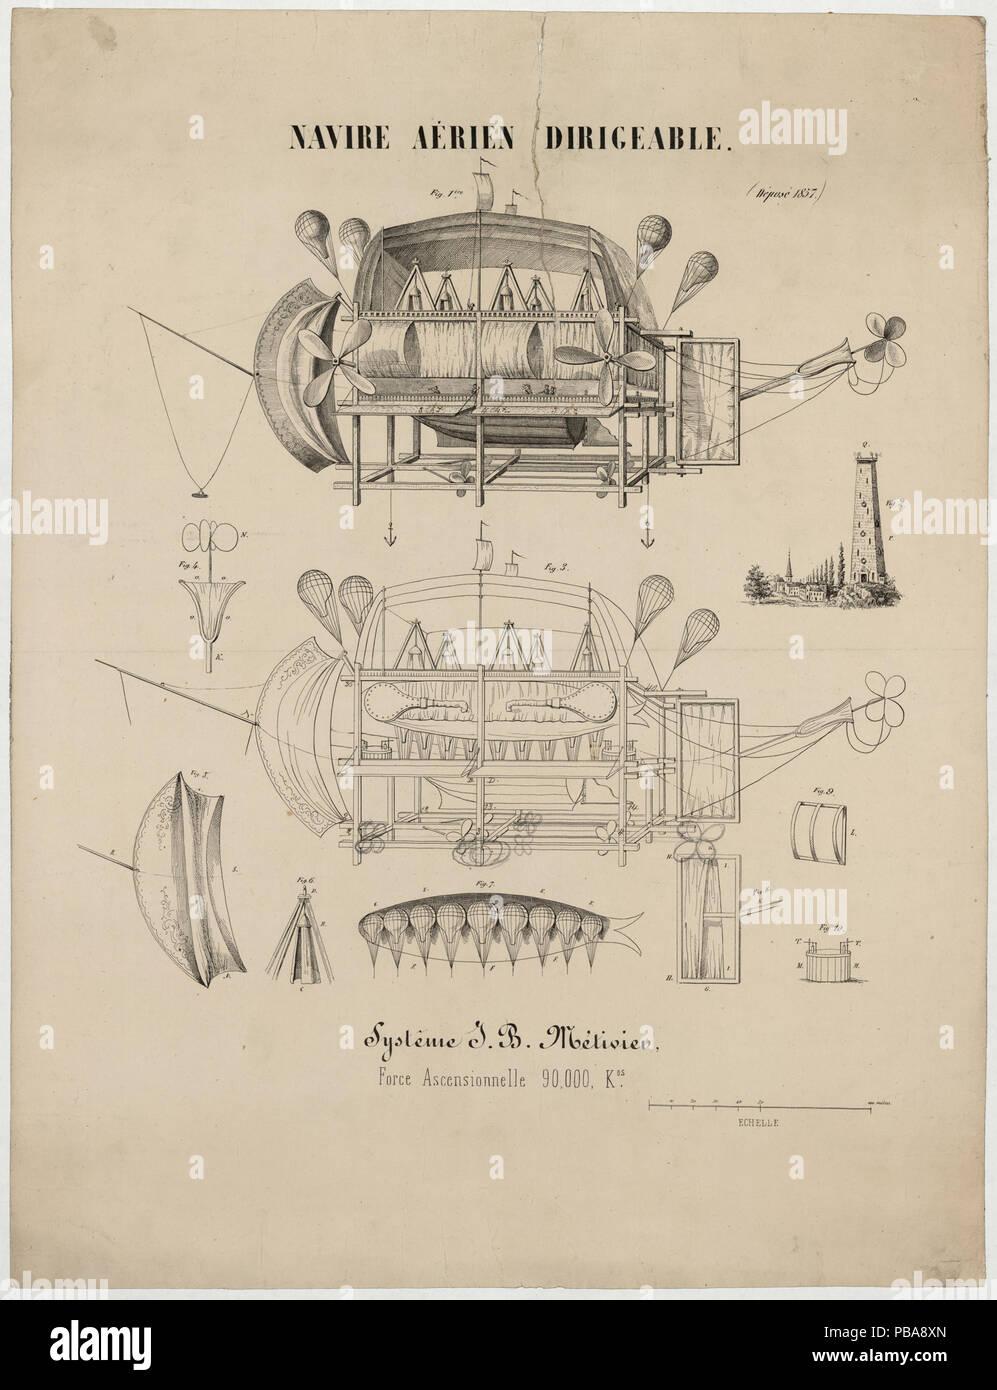 1084 Navire aérien dirigeable. Systême J.B. Métivier, force ascensionnelle 90,000 kos LCCN2002736610 - Stock Image